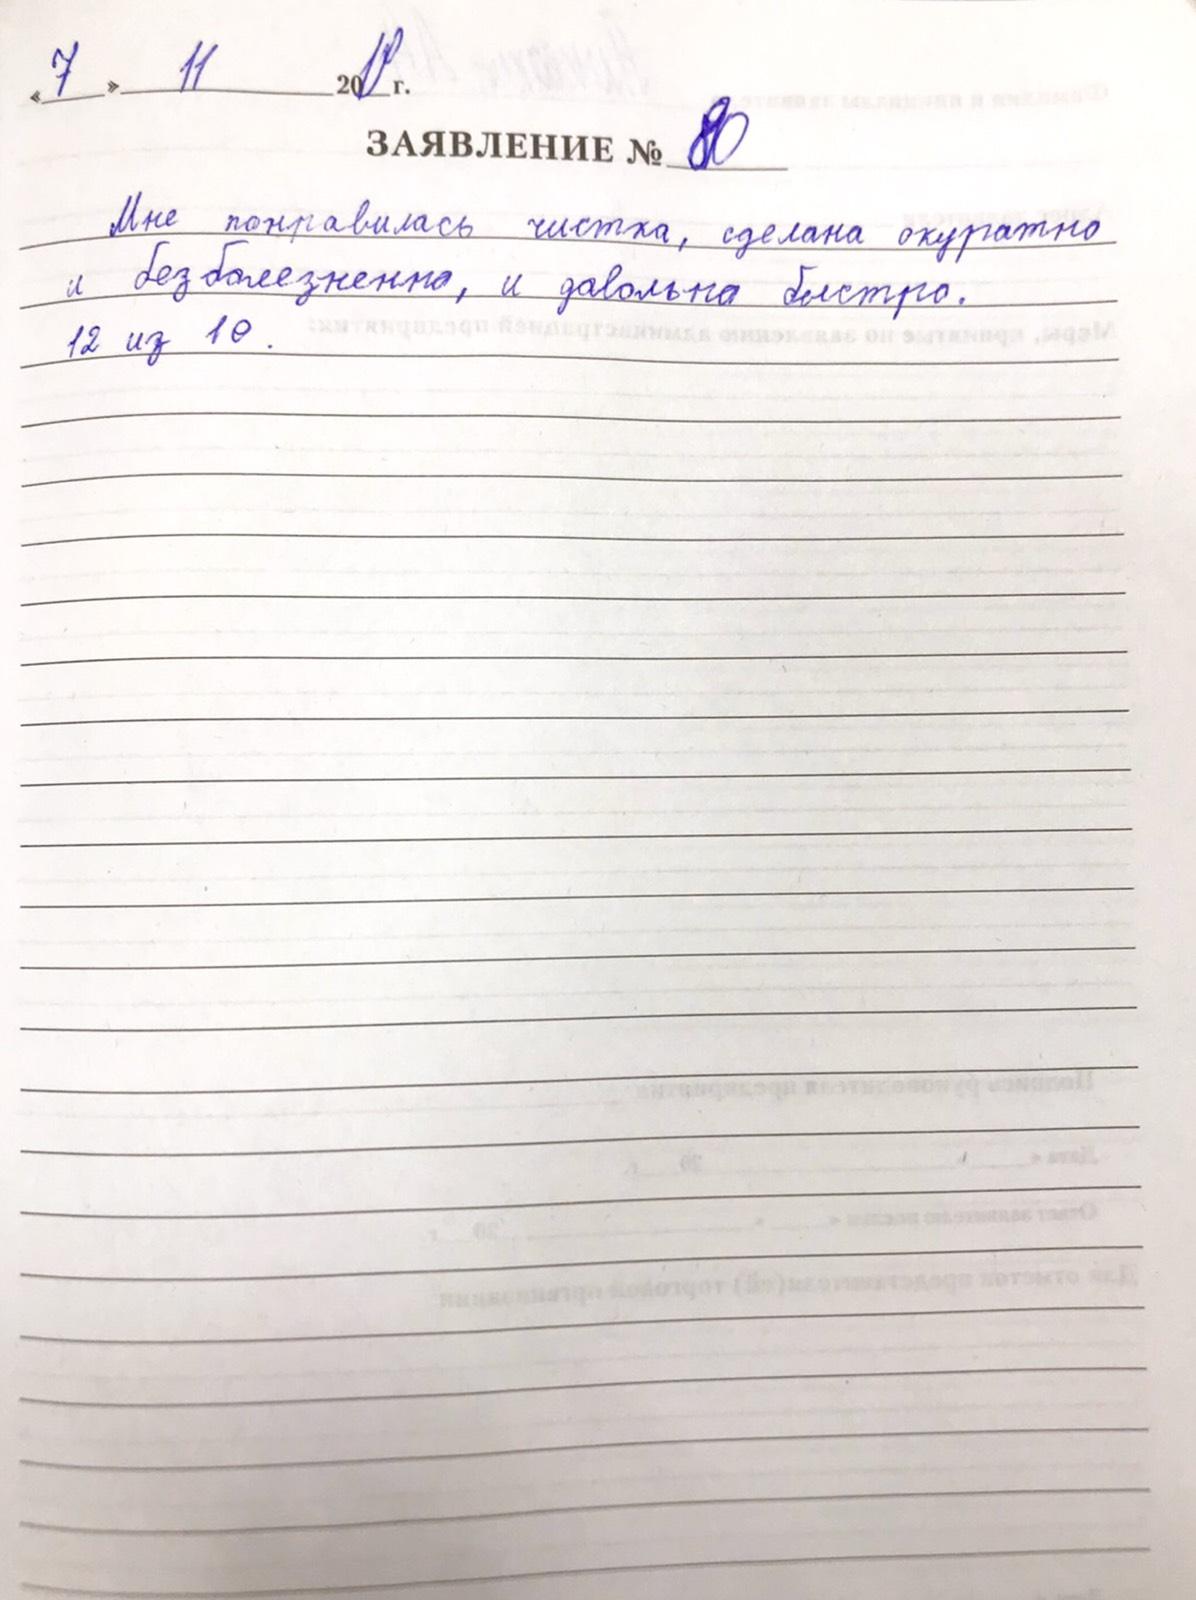 Содержимое. Стоматология Фларт